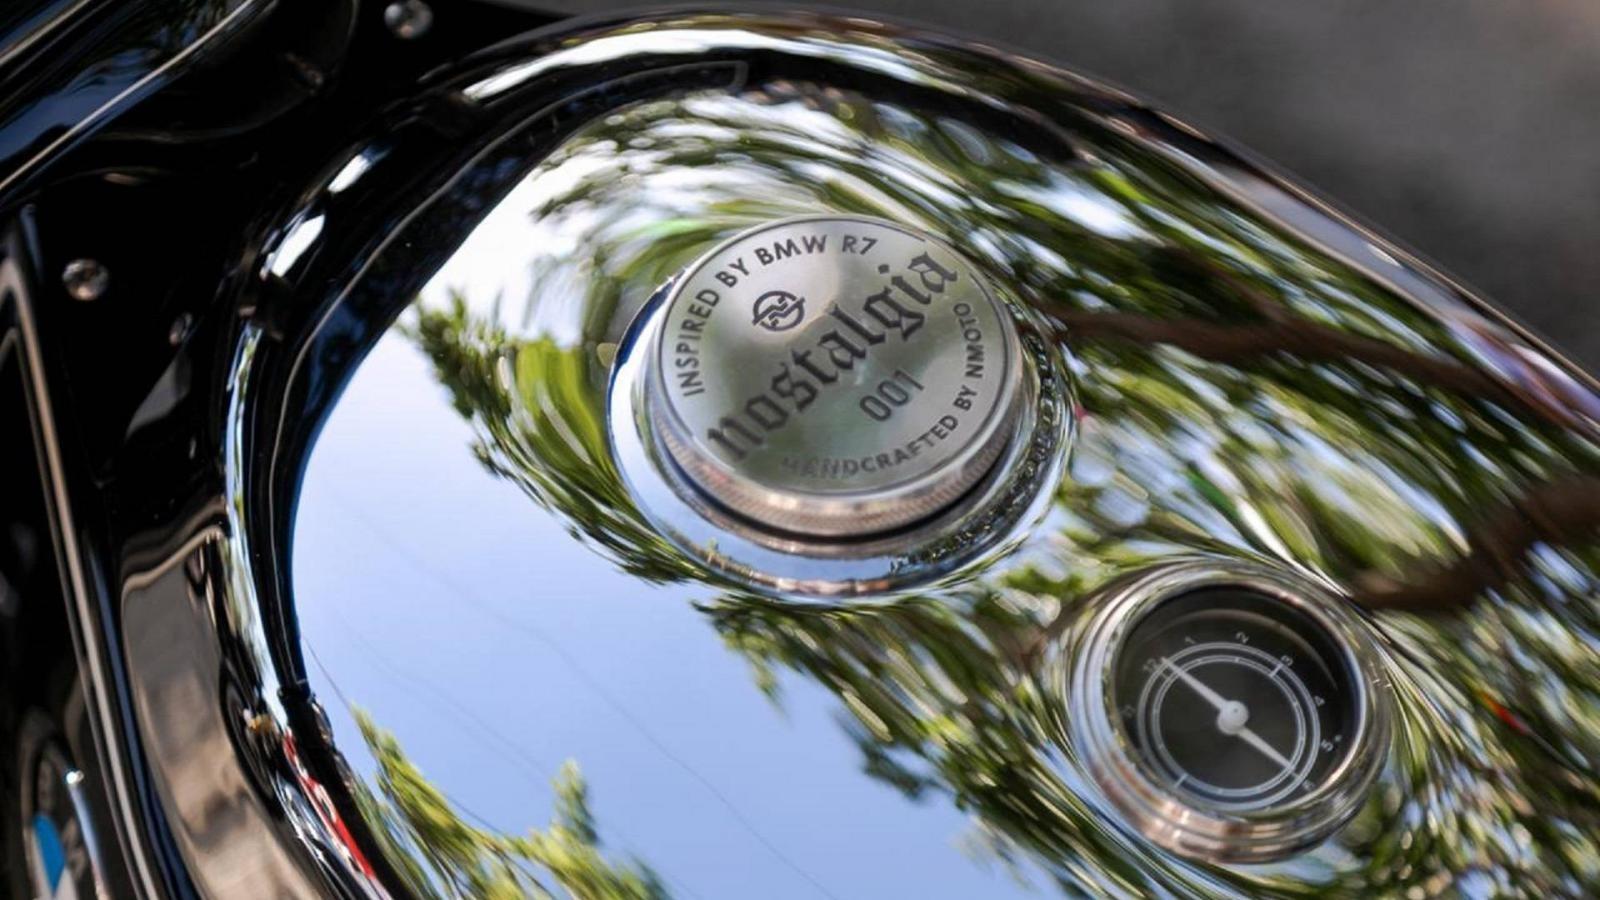 Nắp bình xăng khắc tên xe Nostalgia, bên dưới là đồng hồ báo xăng